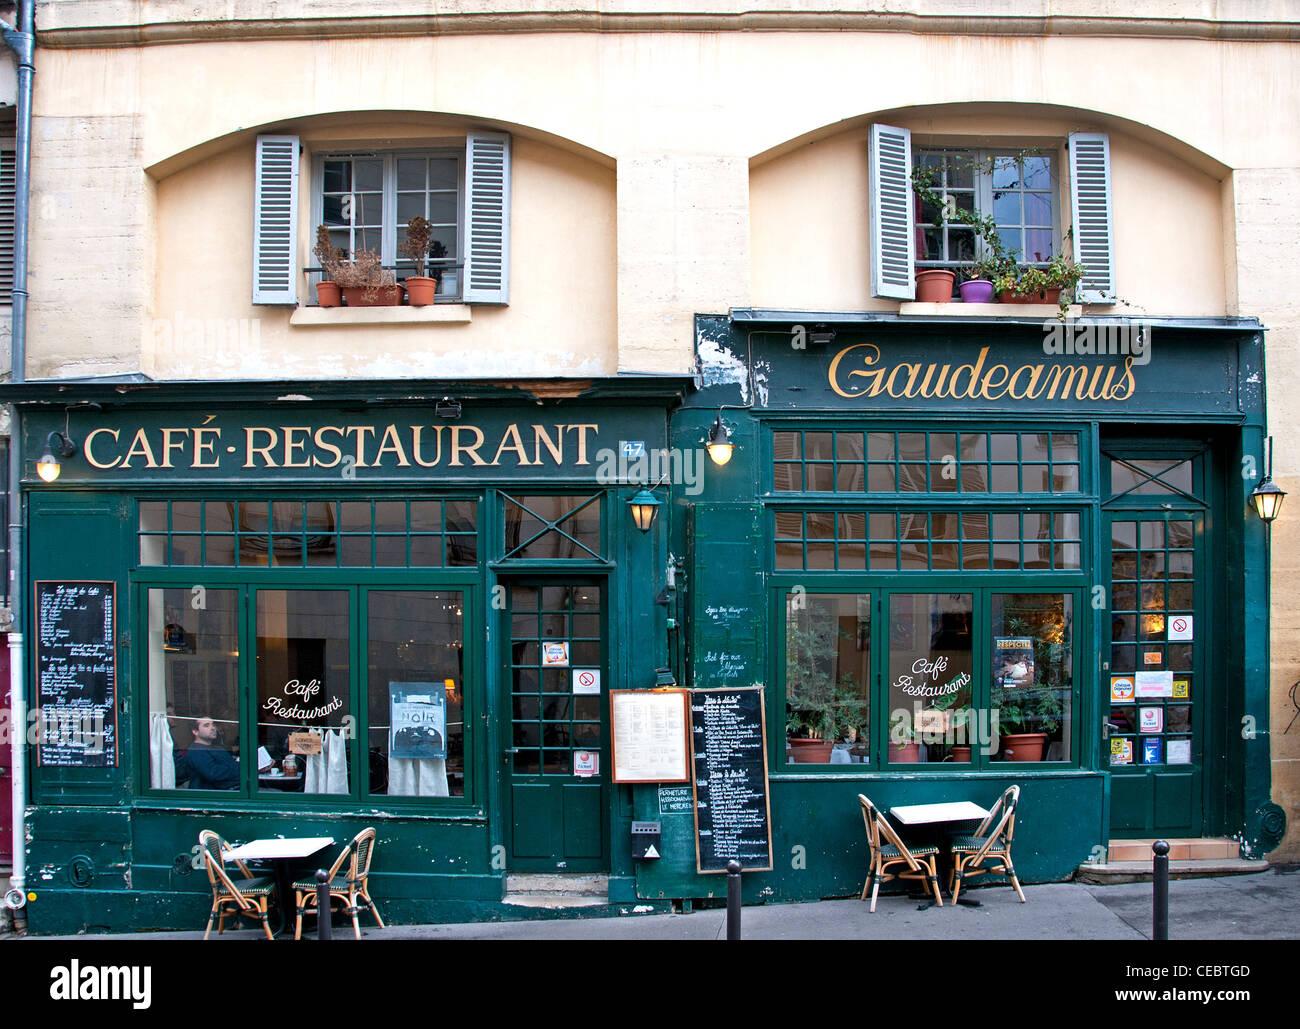 Café Restaurant Gaudeamus  La Sorbonne Quartier Latin Paris France - Stock Image